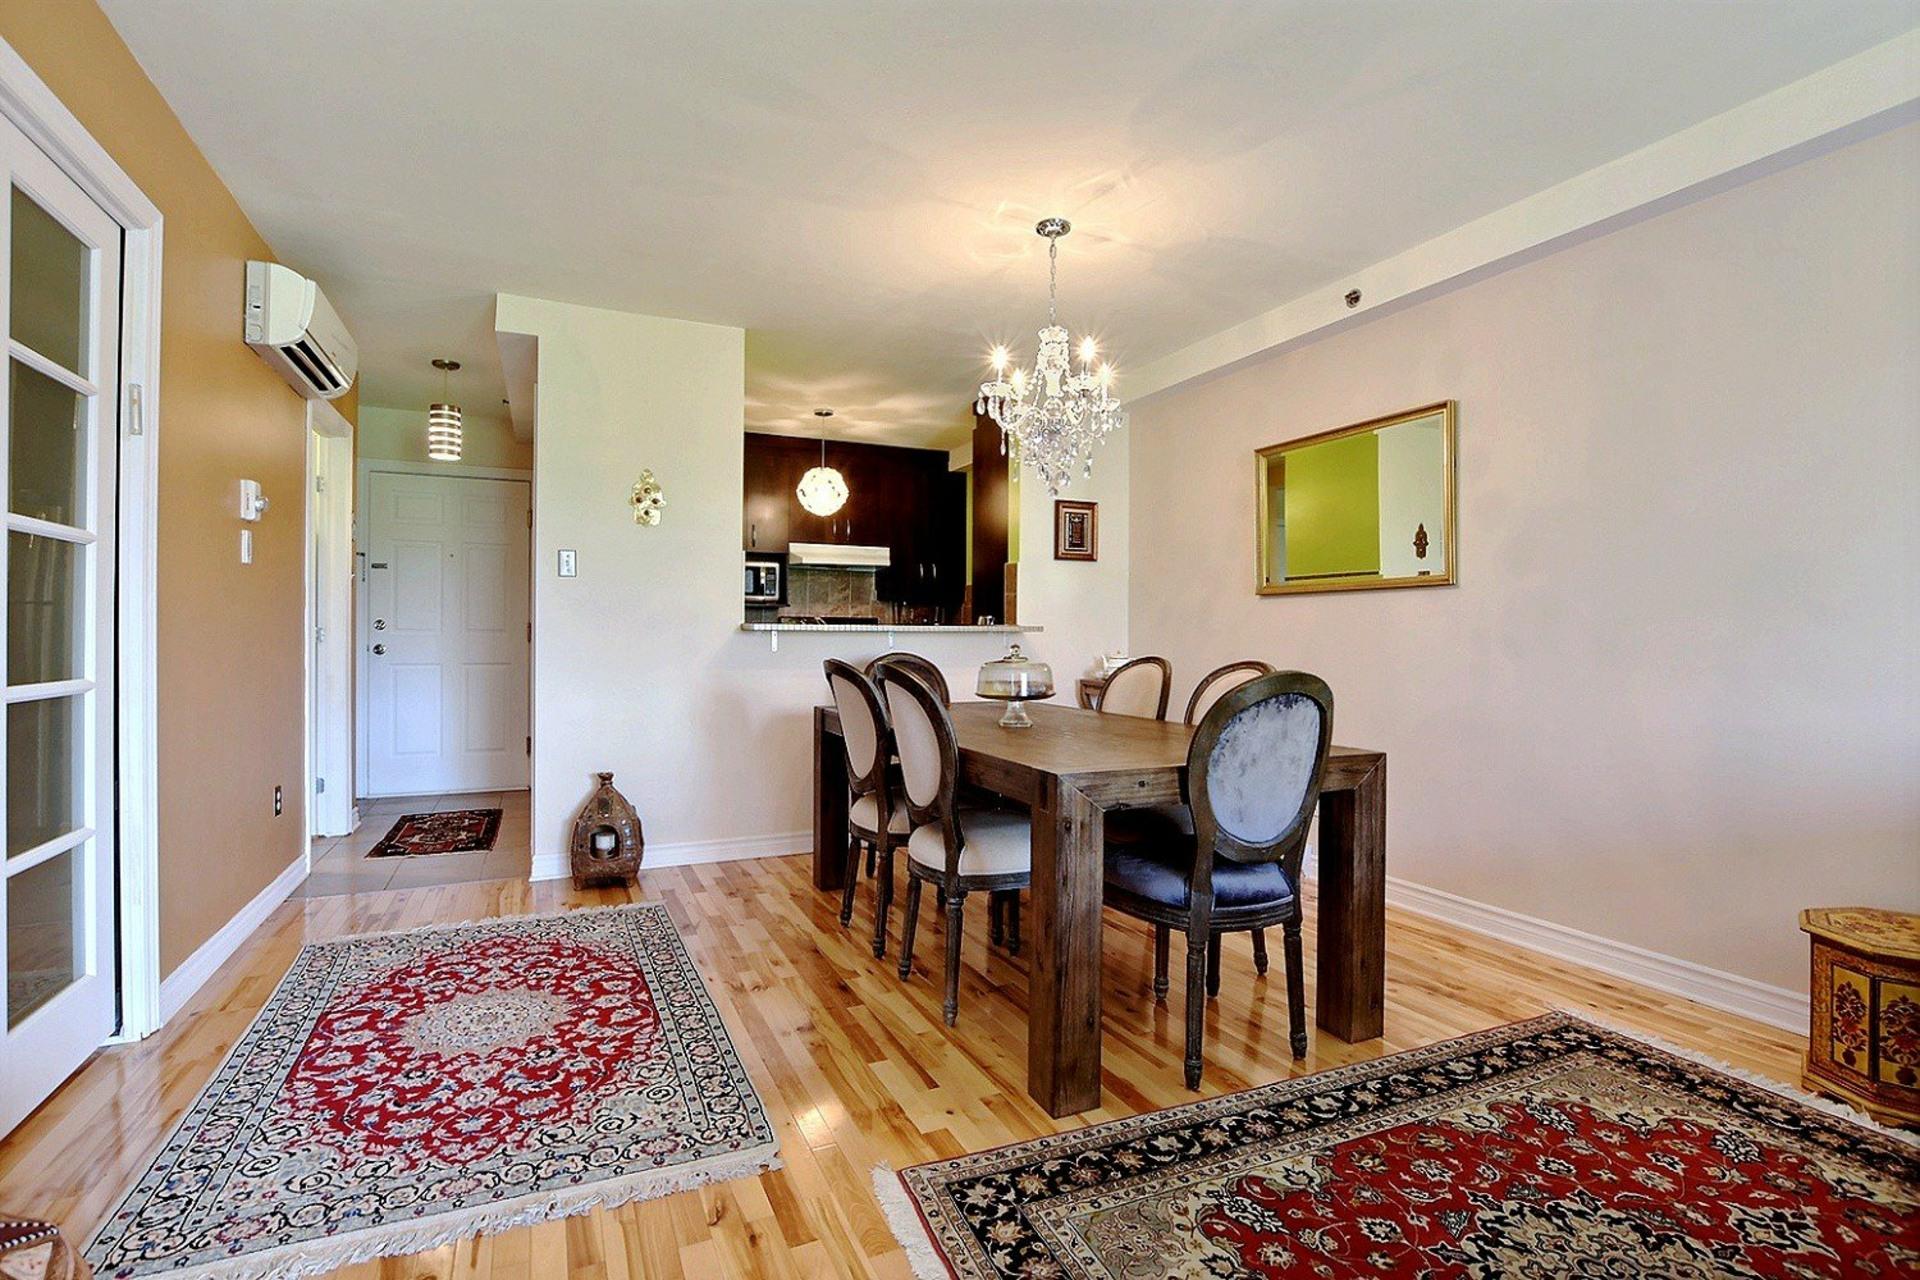 image 2 - Appartement À vendre Montréal Côte-des-Neiges/Notre-Dame-de-Grâce  - 4 pièces